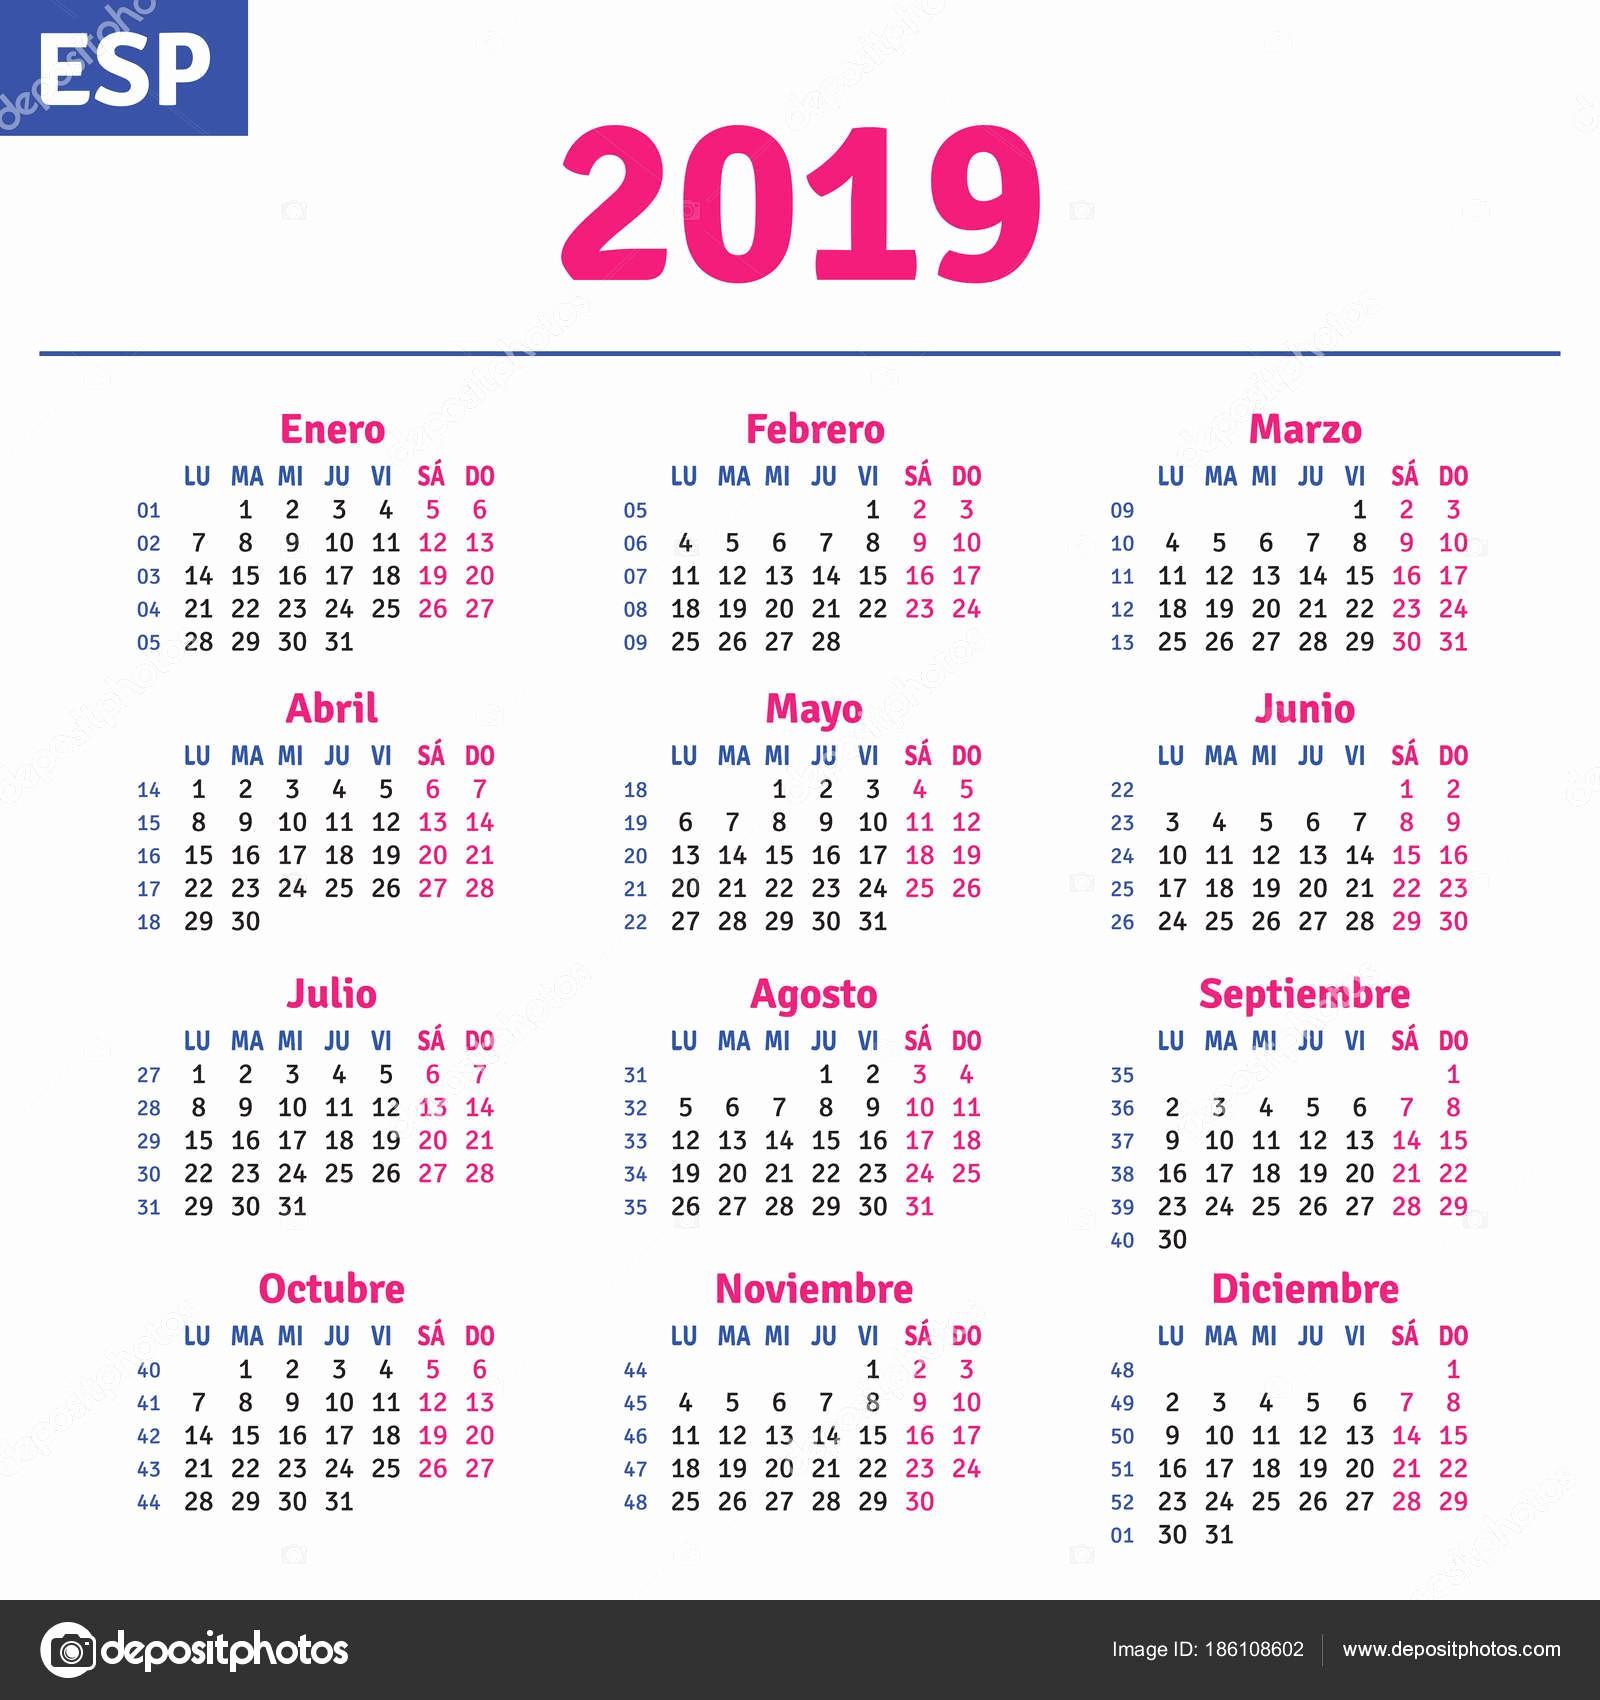 Calendario Dr 2019 Espanol Calendario 2019 Archivo Imagenes Vectoriales